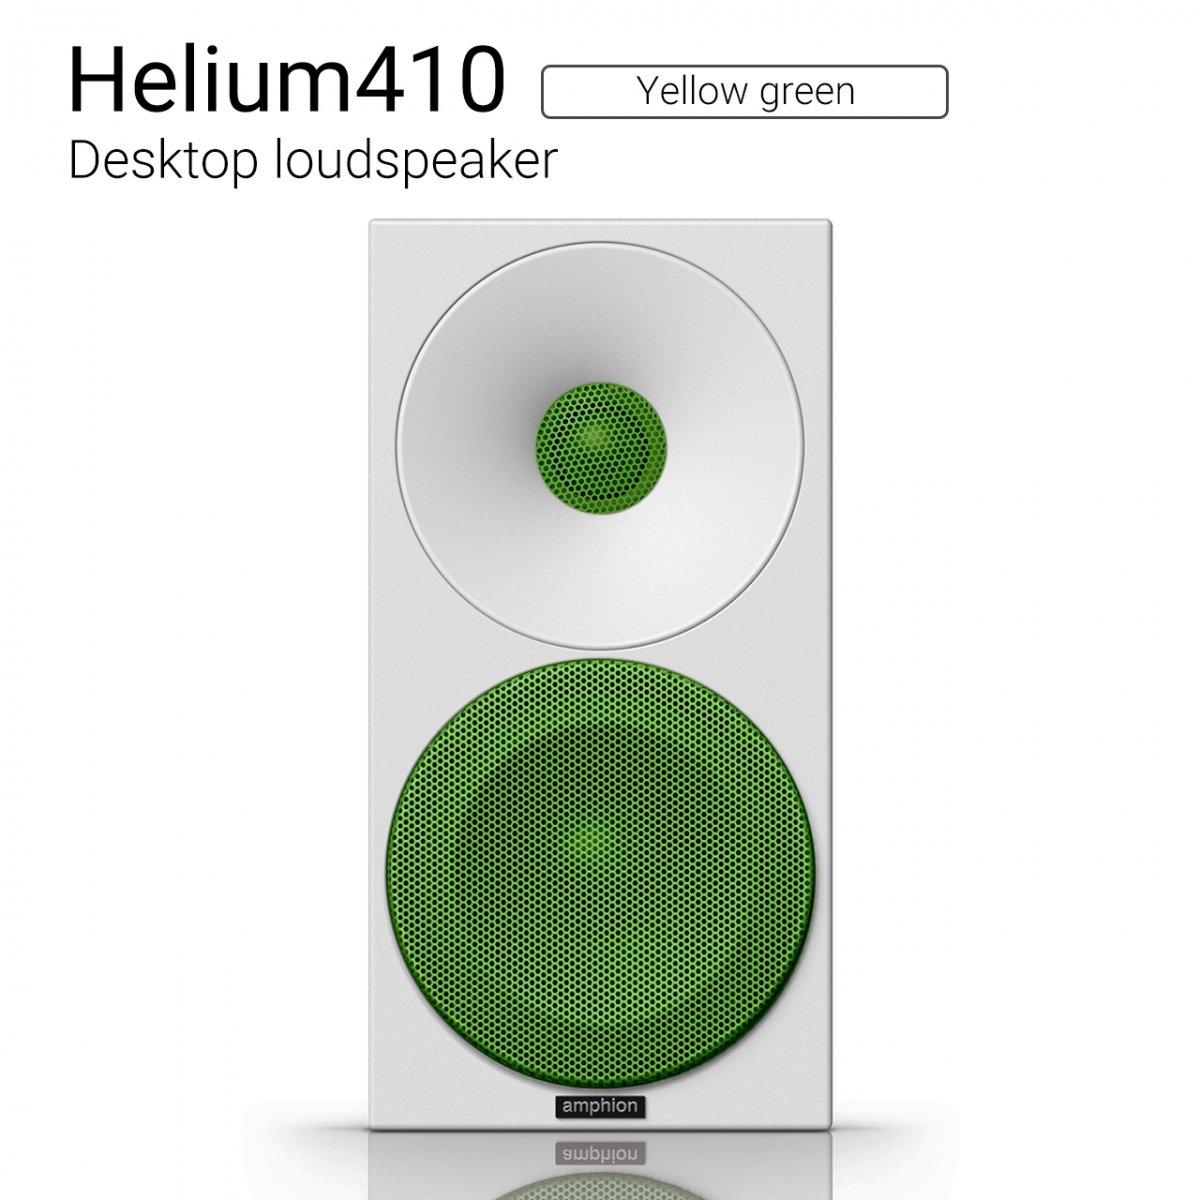 【優れた北欧センス】Helium410 (Yellow green) Desktop loudspeaker【ペア】